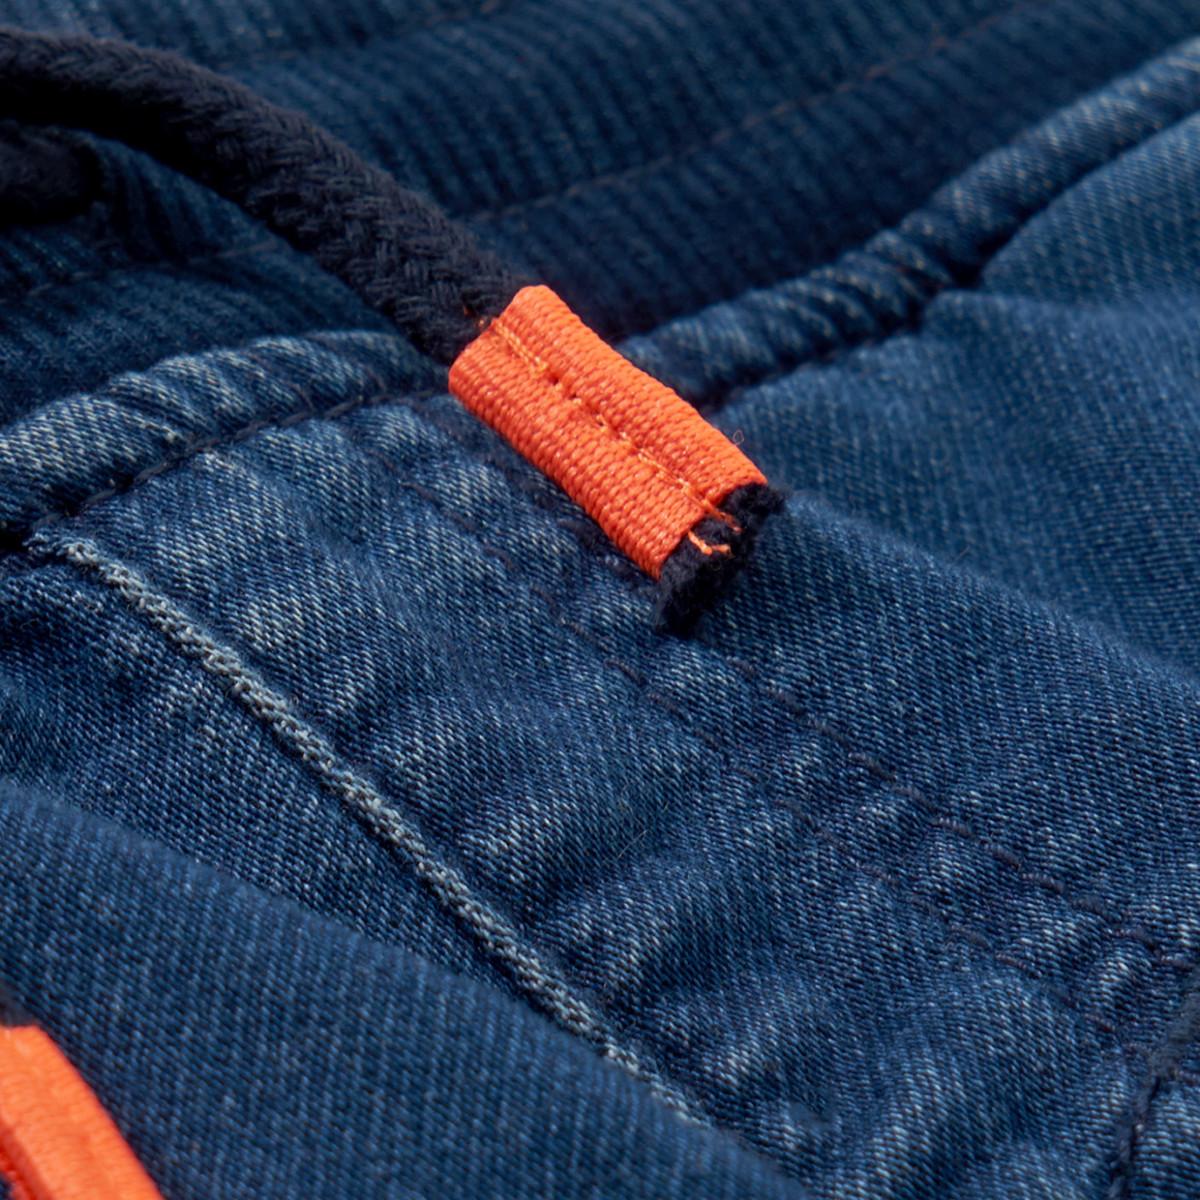 Bild 5 von Jungen Pull-on Jeans in Used-Waschung